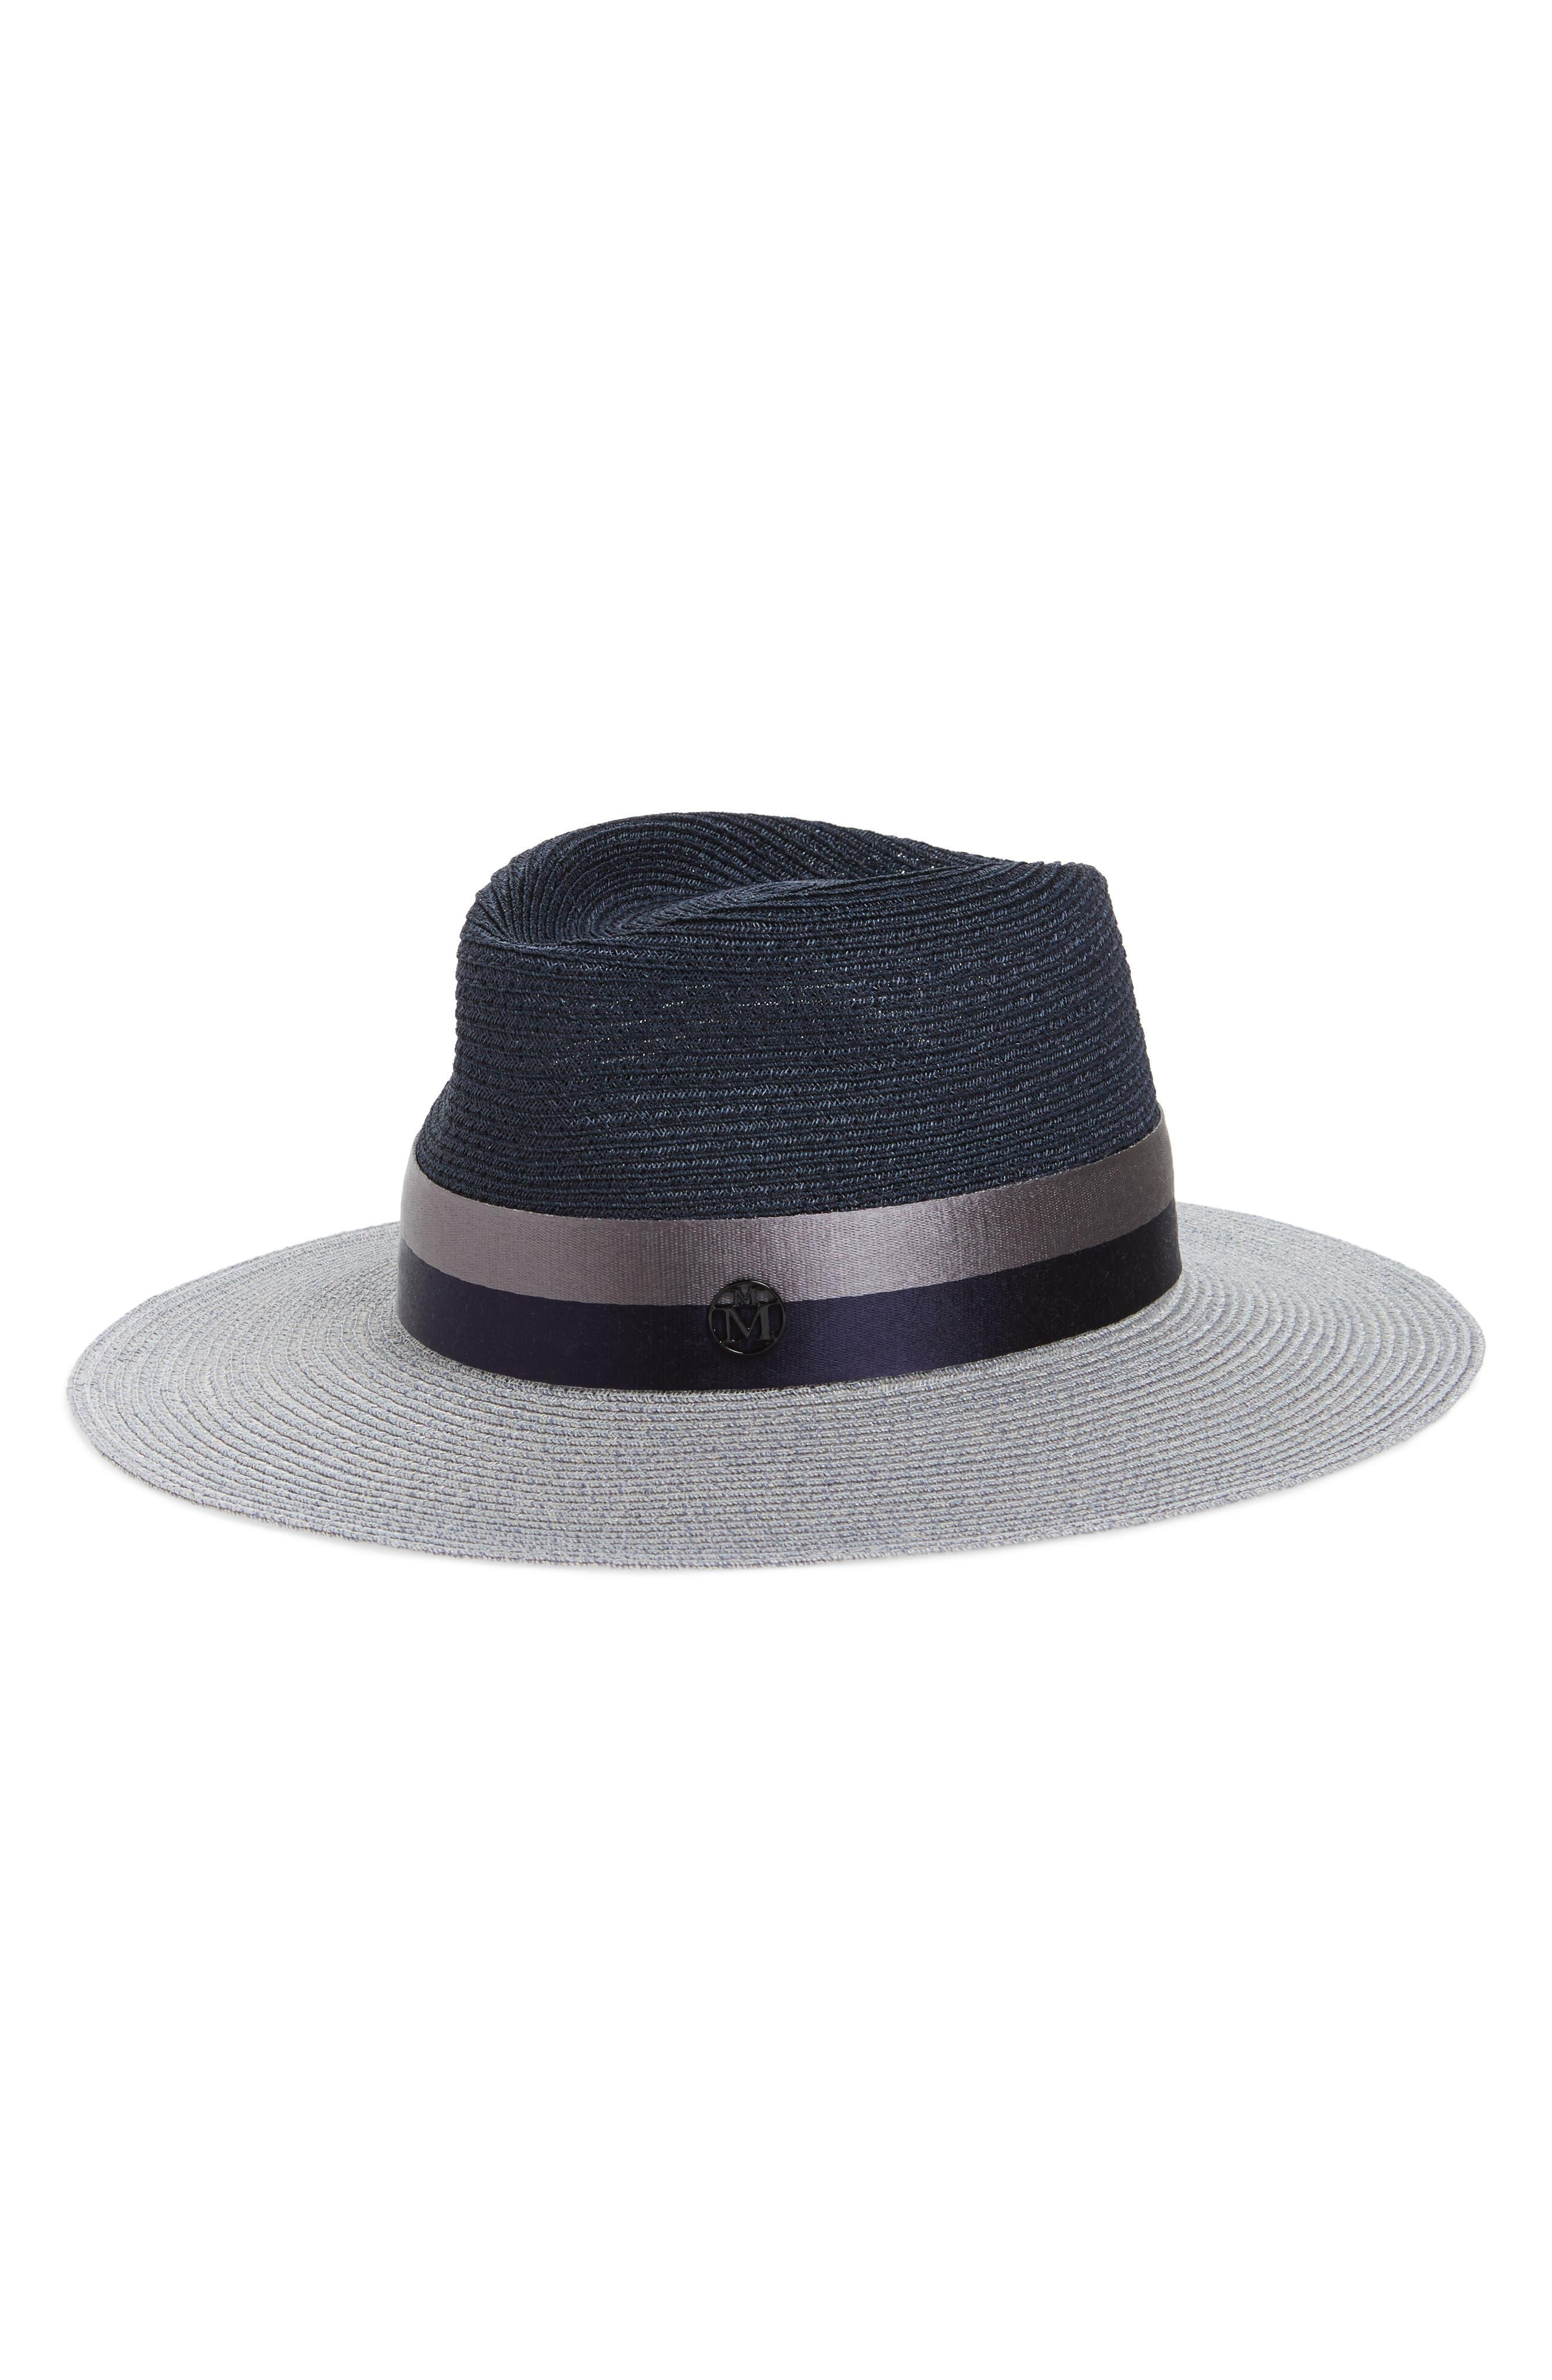 Virginie Fur Felt Hat,                             Main thumbnail 1, color,